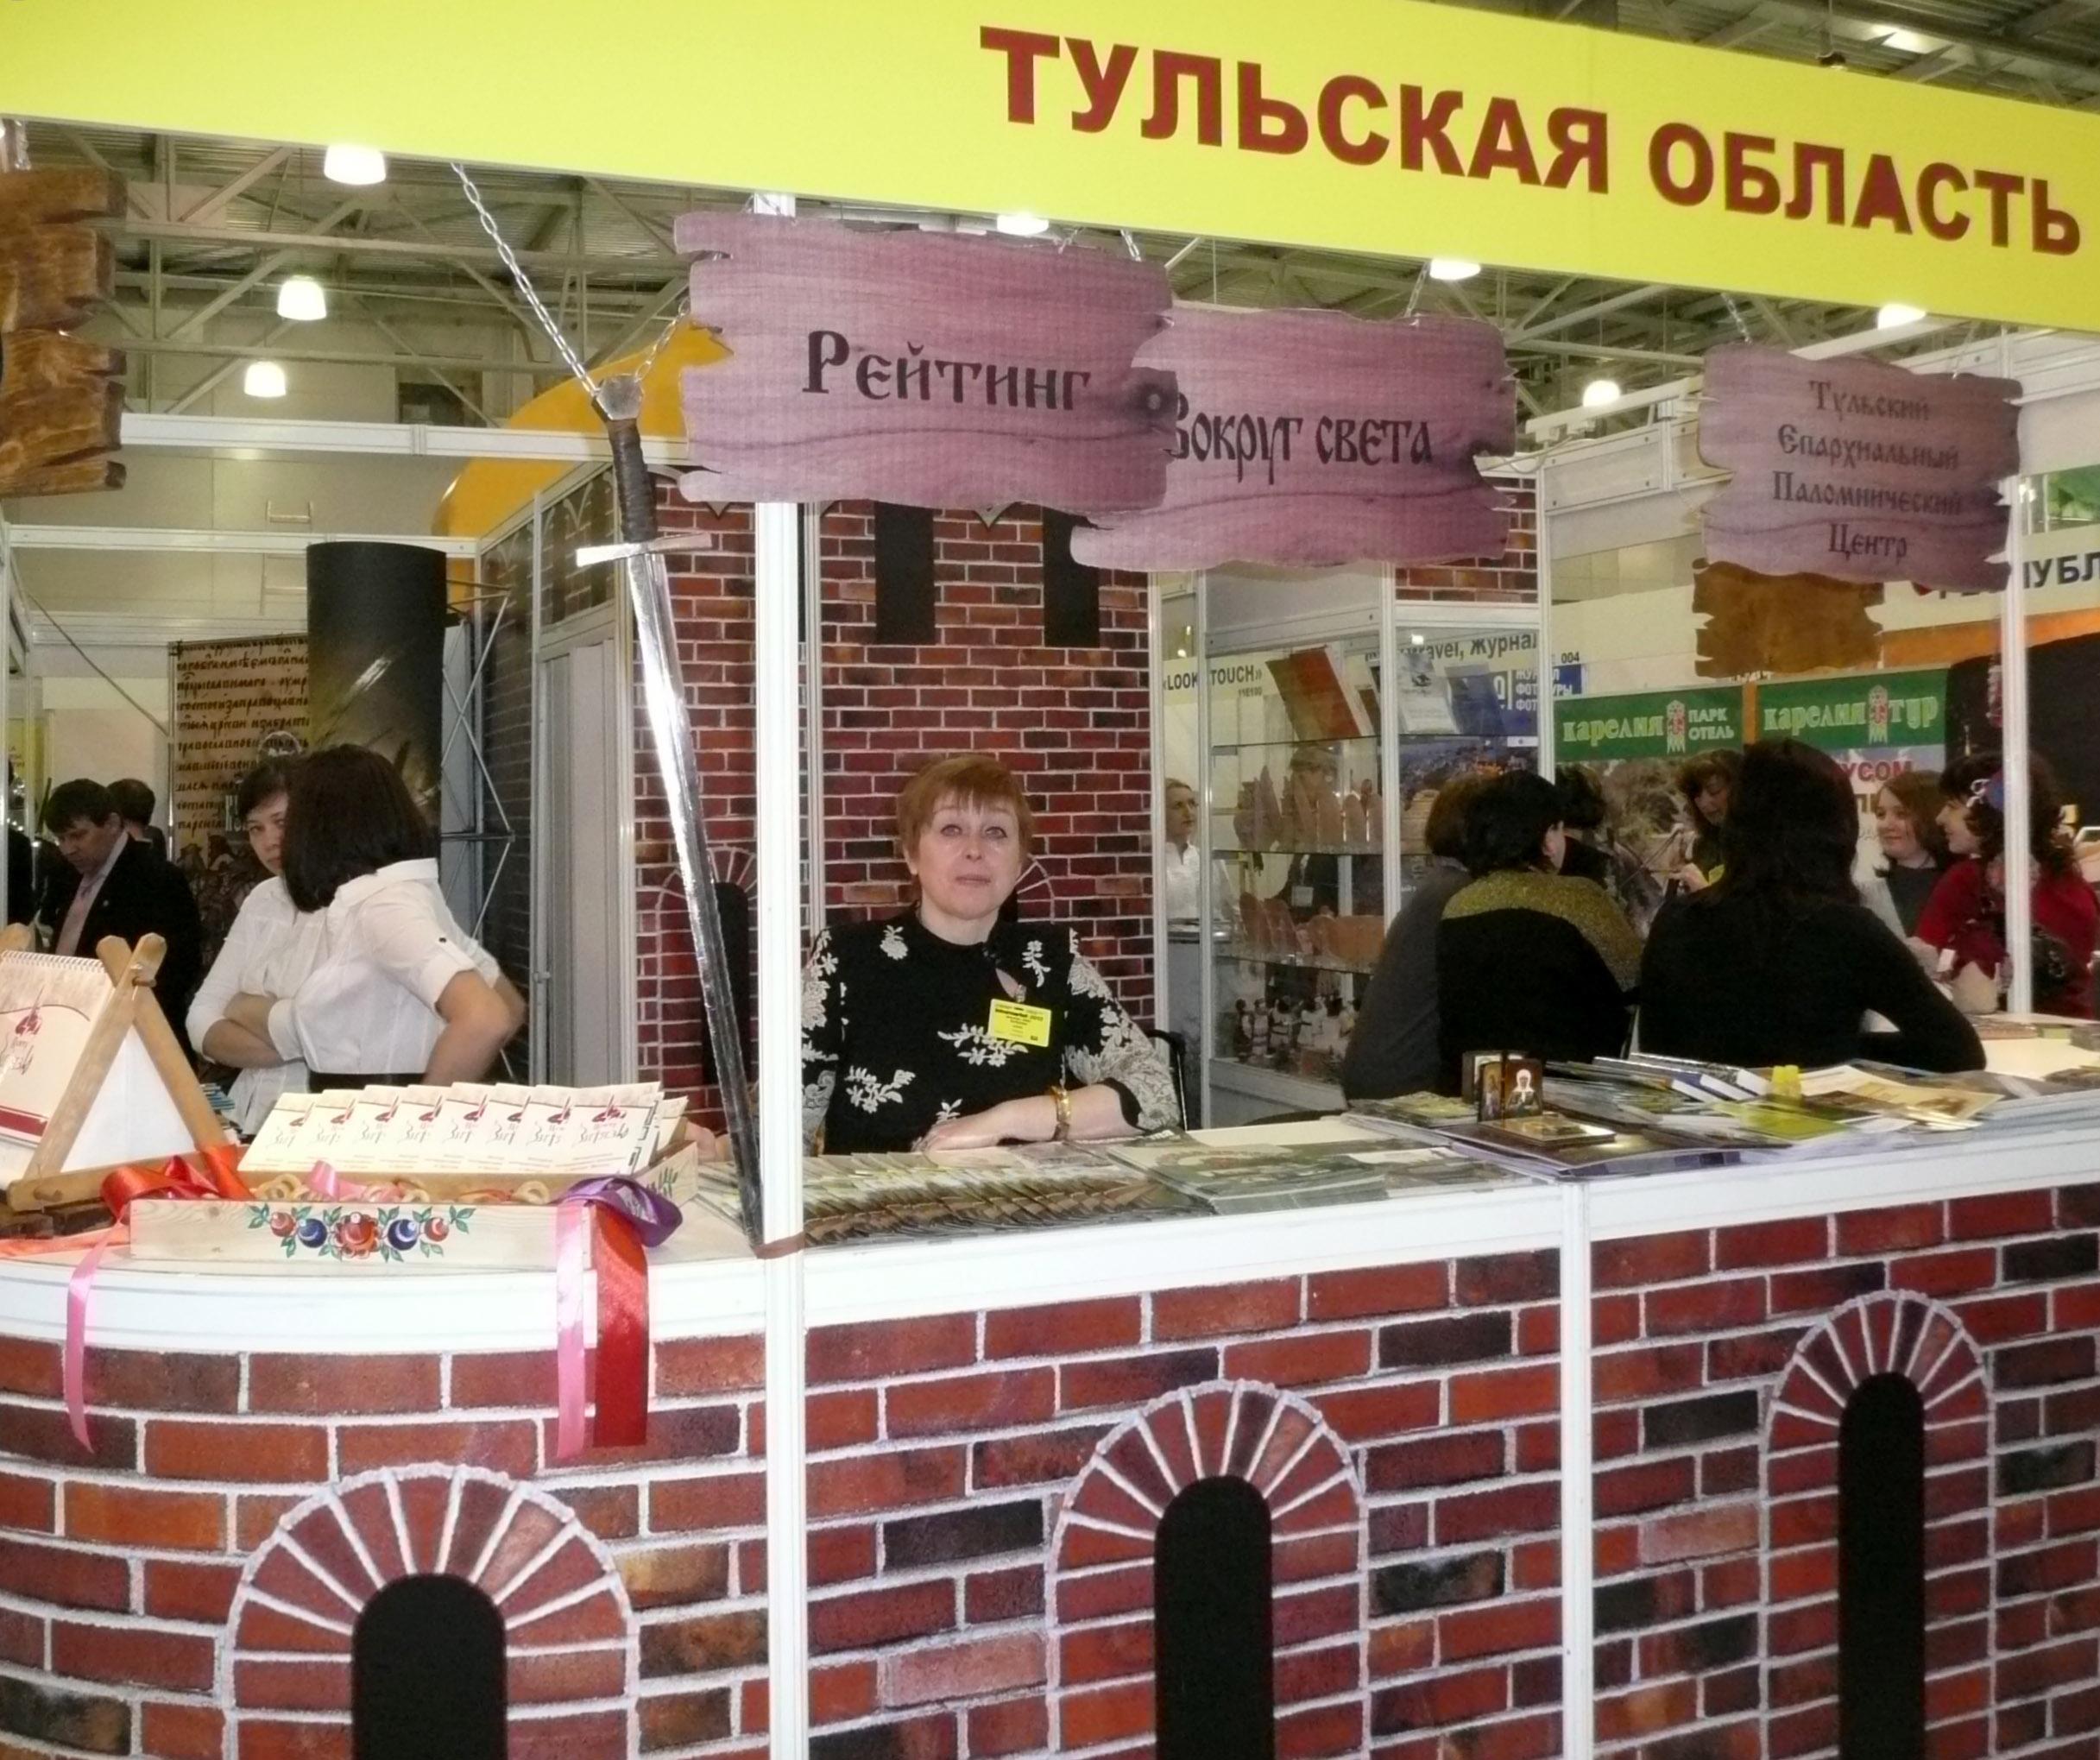 Агентства по организации праздников в россии